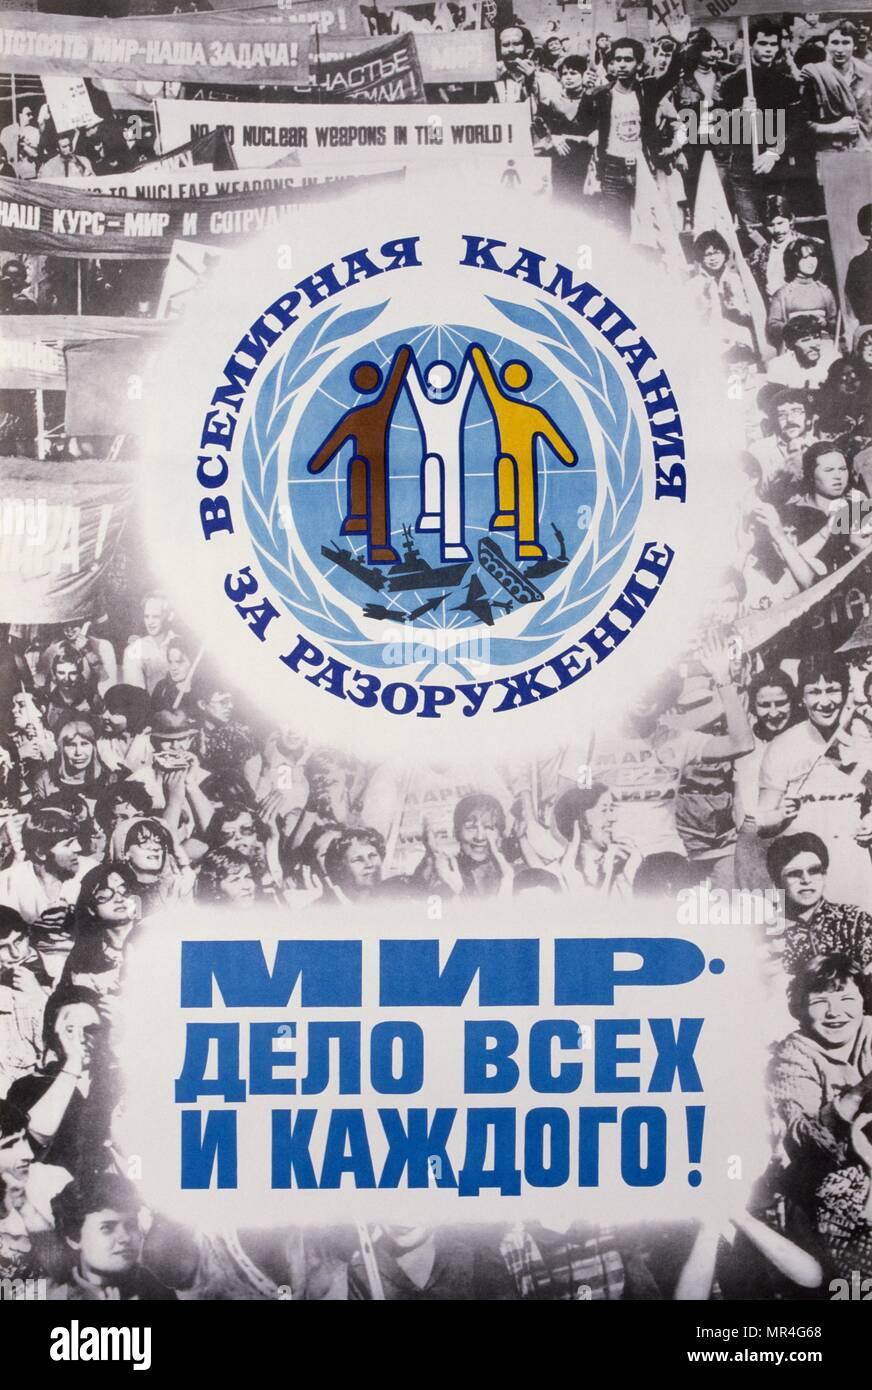 Sowjetische russische Anti-Terror-Krieg und Frieden Plakat während des Kalten Krieges 1983 Stockbild